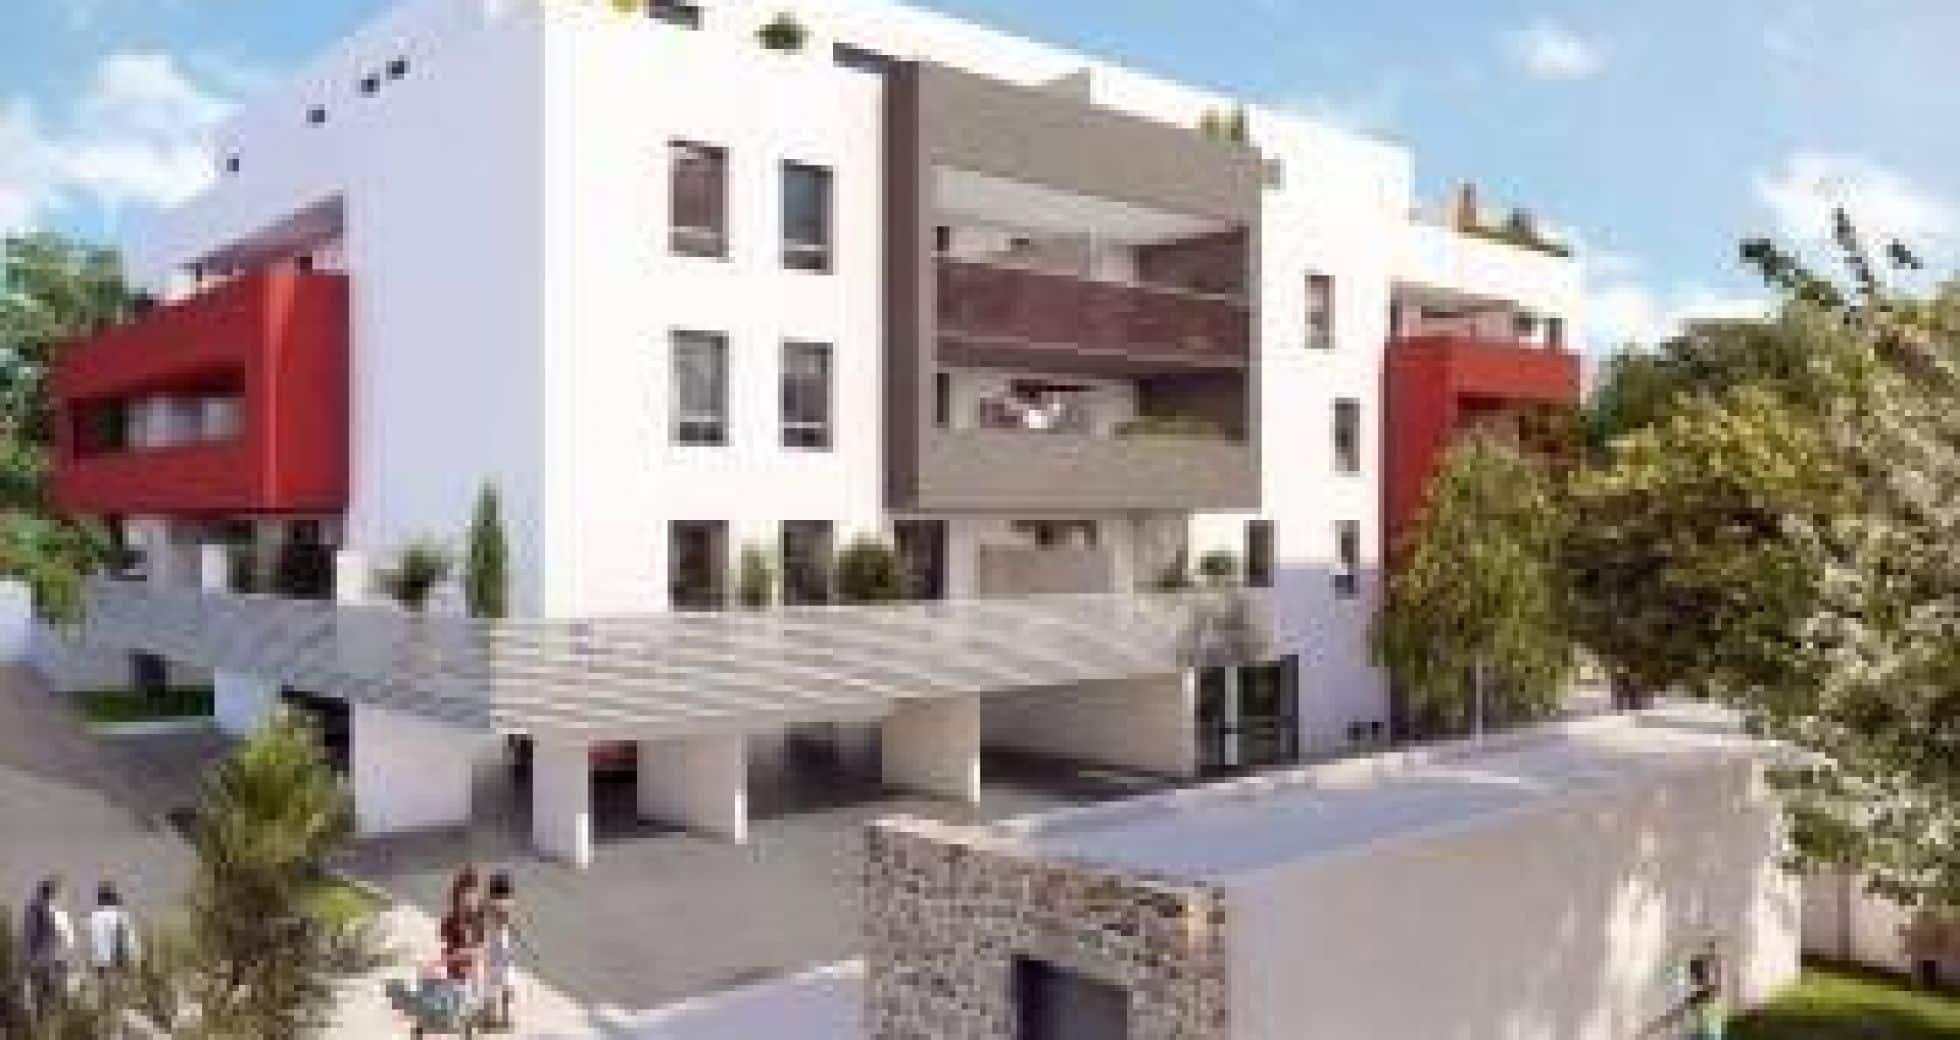 Programme immobilier Montpellier : pourquoi faire des placements?